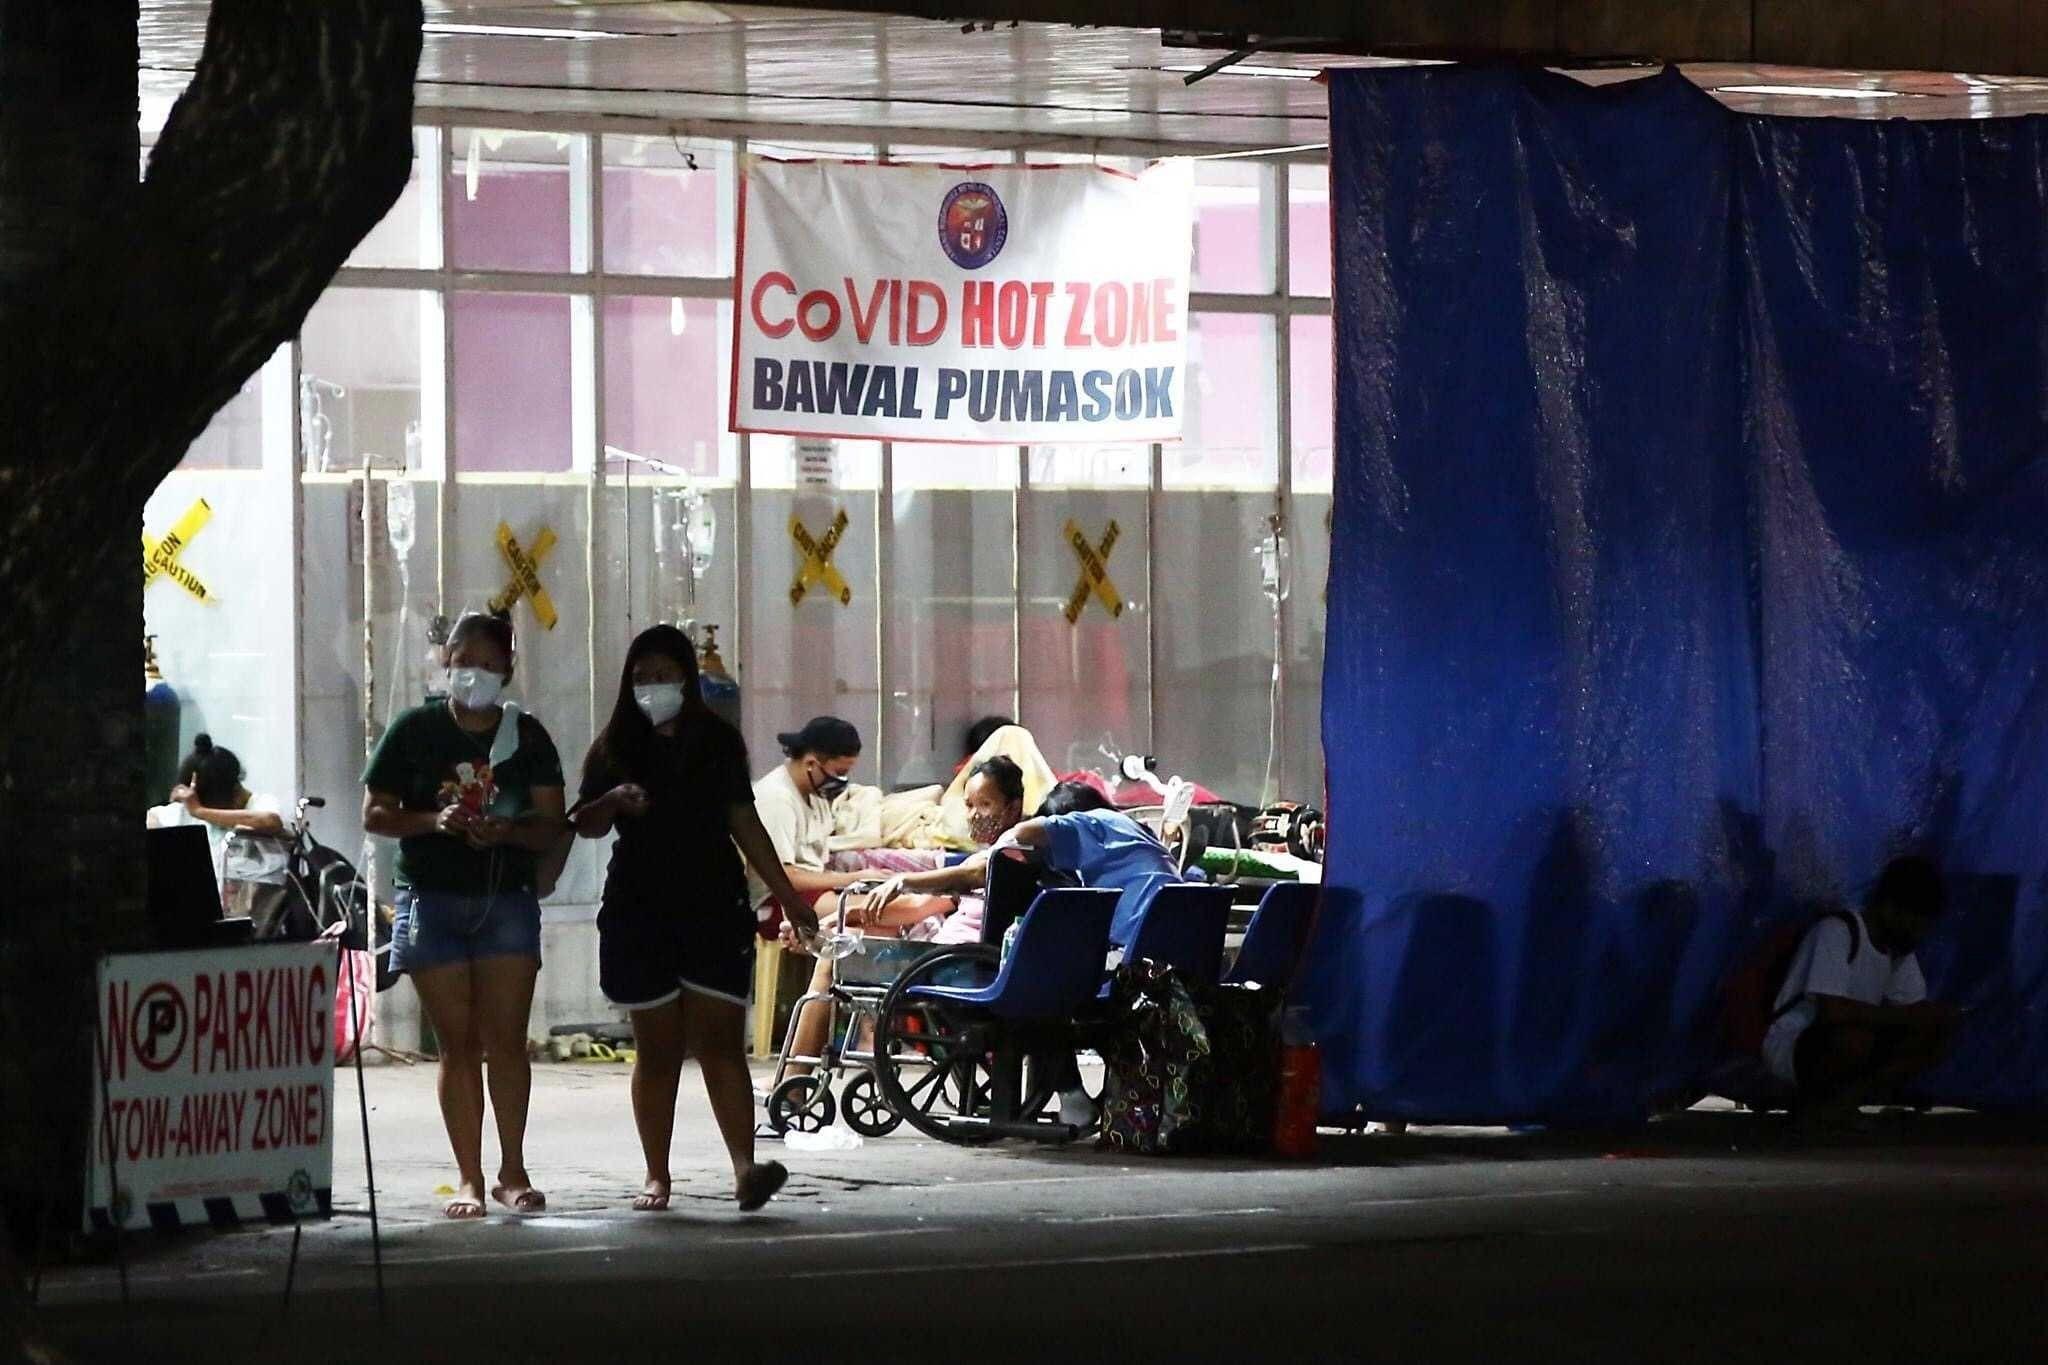 Kaso ng COVID-19 sa Pinas, bumaba ng 16%